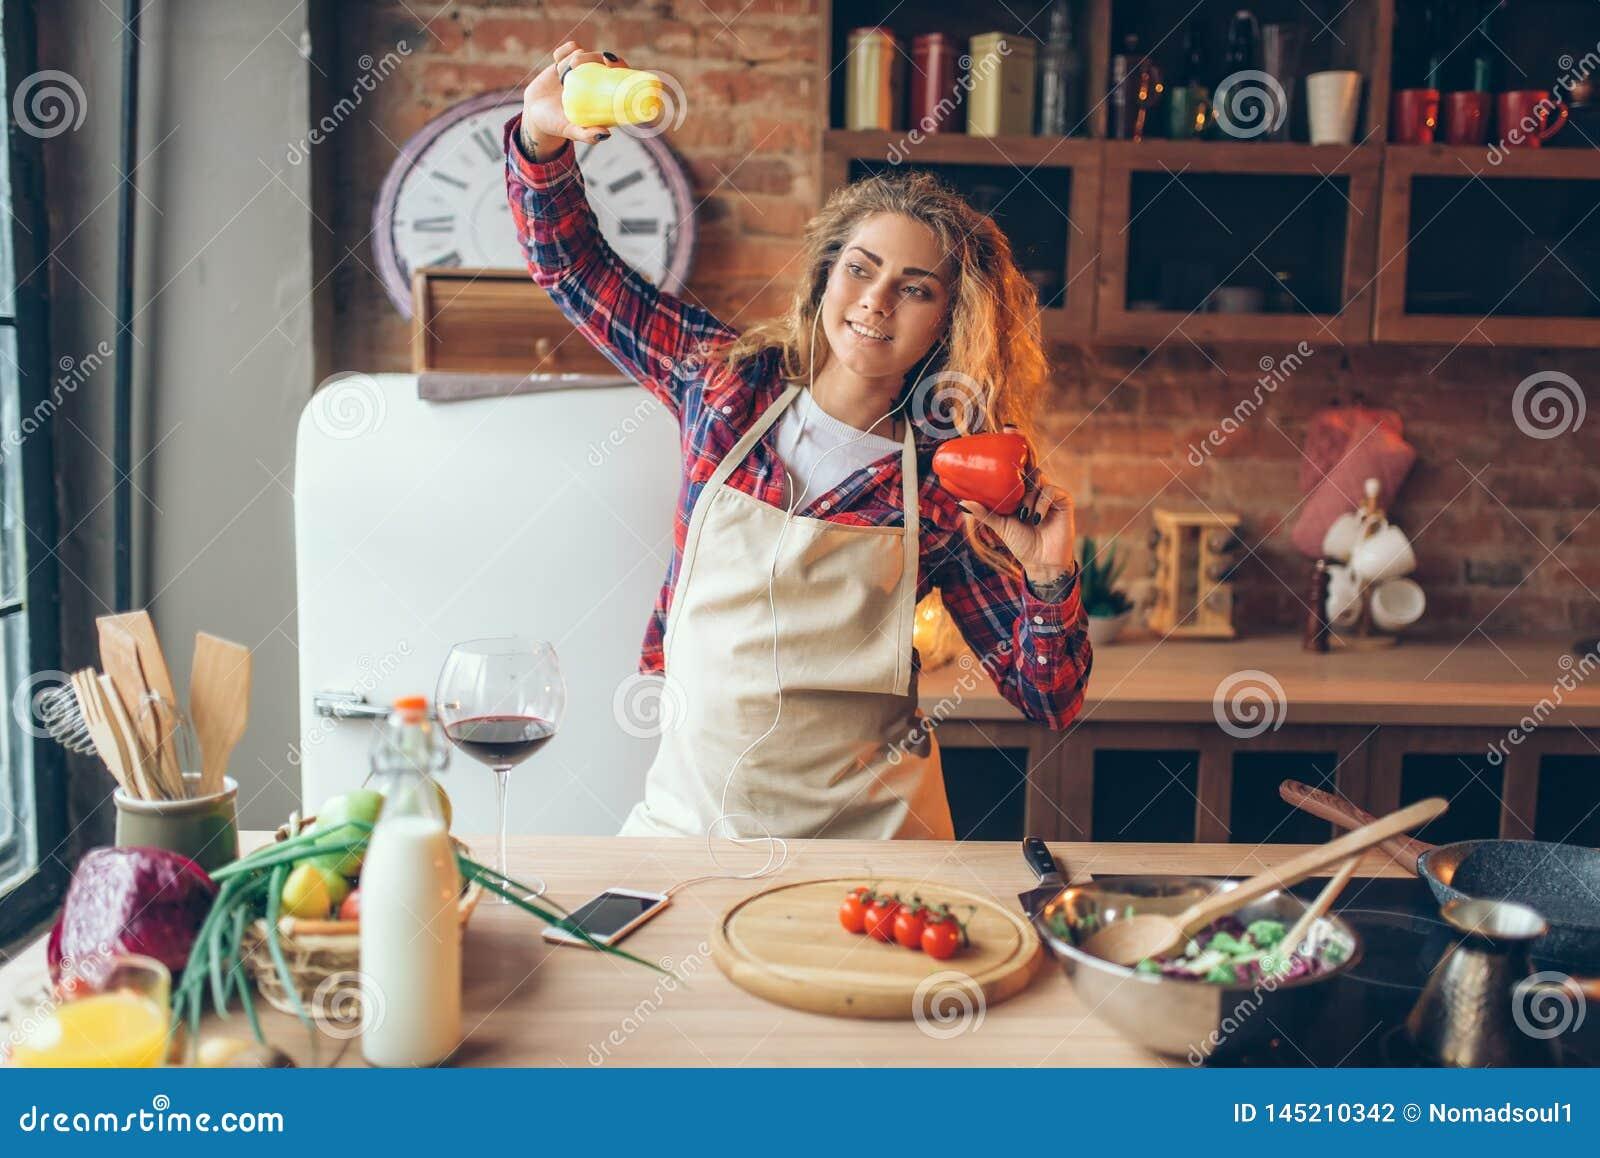 Femme au foyer dans les écouteurs et la danse de tablier sur la cuisine